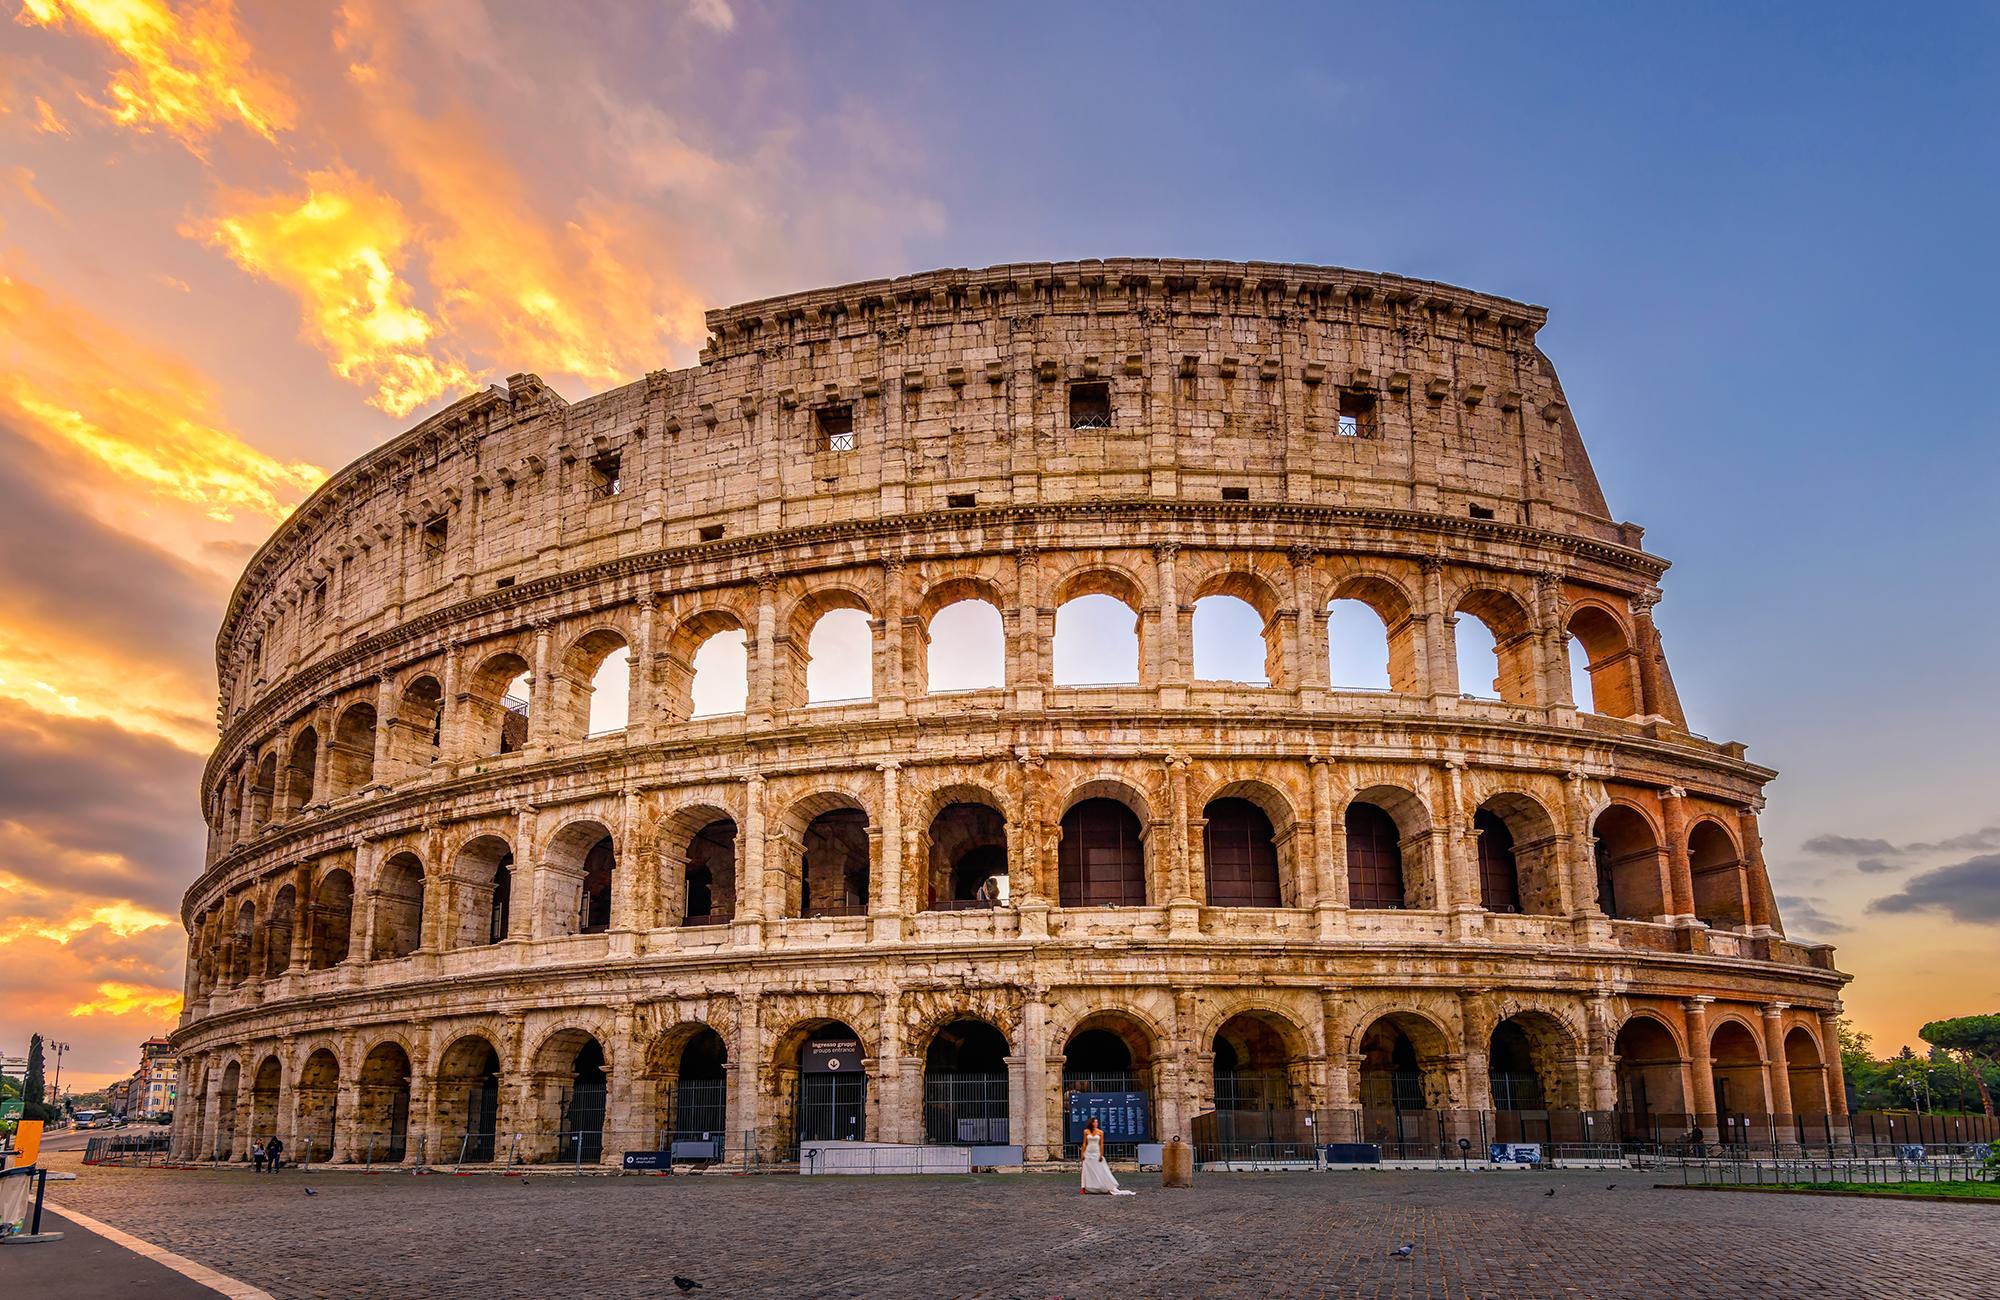 20 самых знаменитых достопримечательностей мира | вся планета